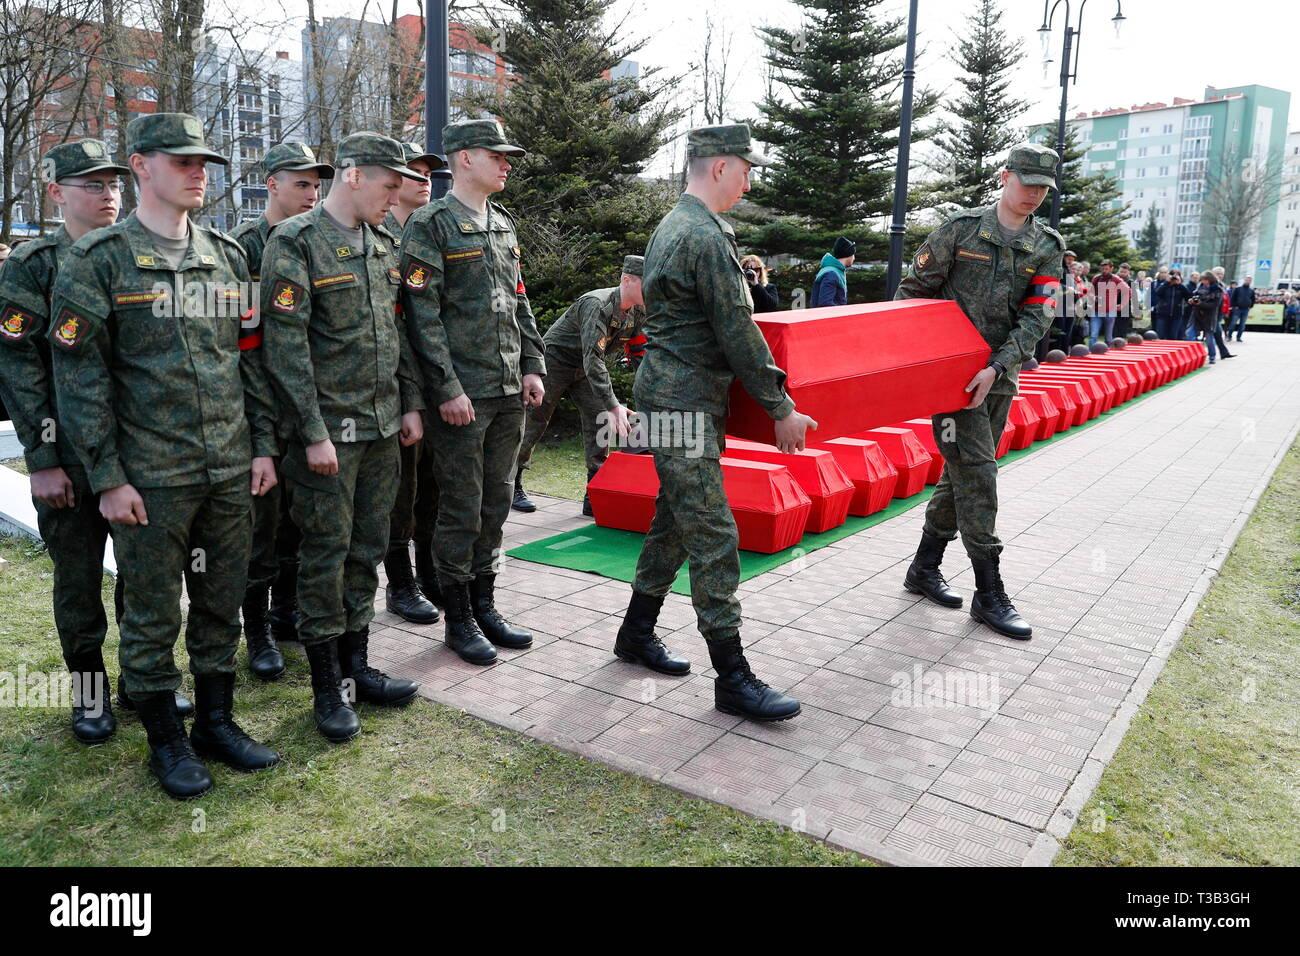 Kaliningrad, Russia  08th Apr, 2019  KALININGRAD, RUSSIA - APRIL 8